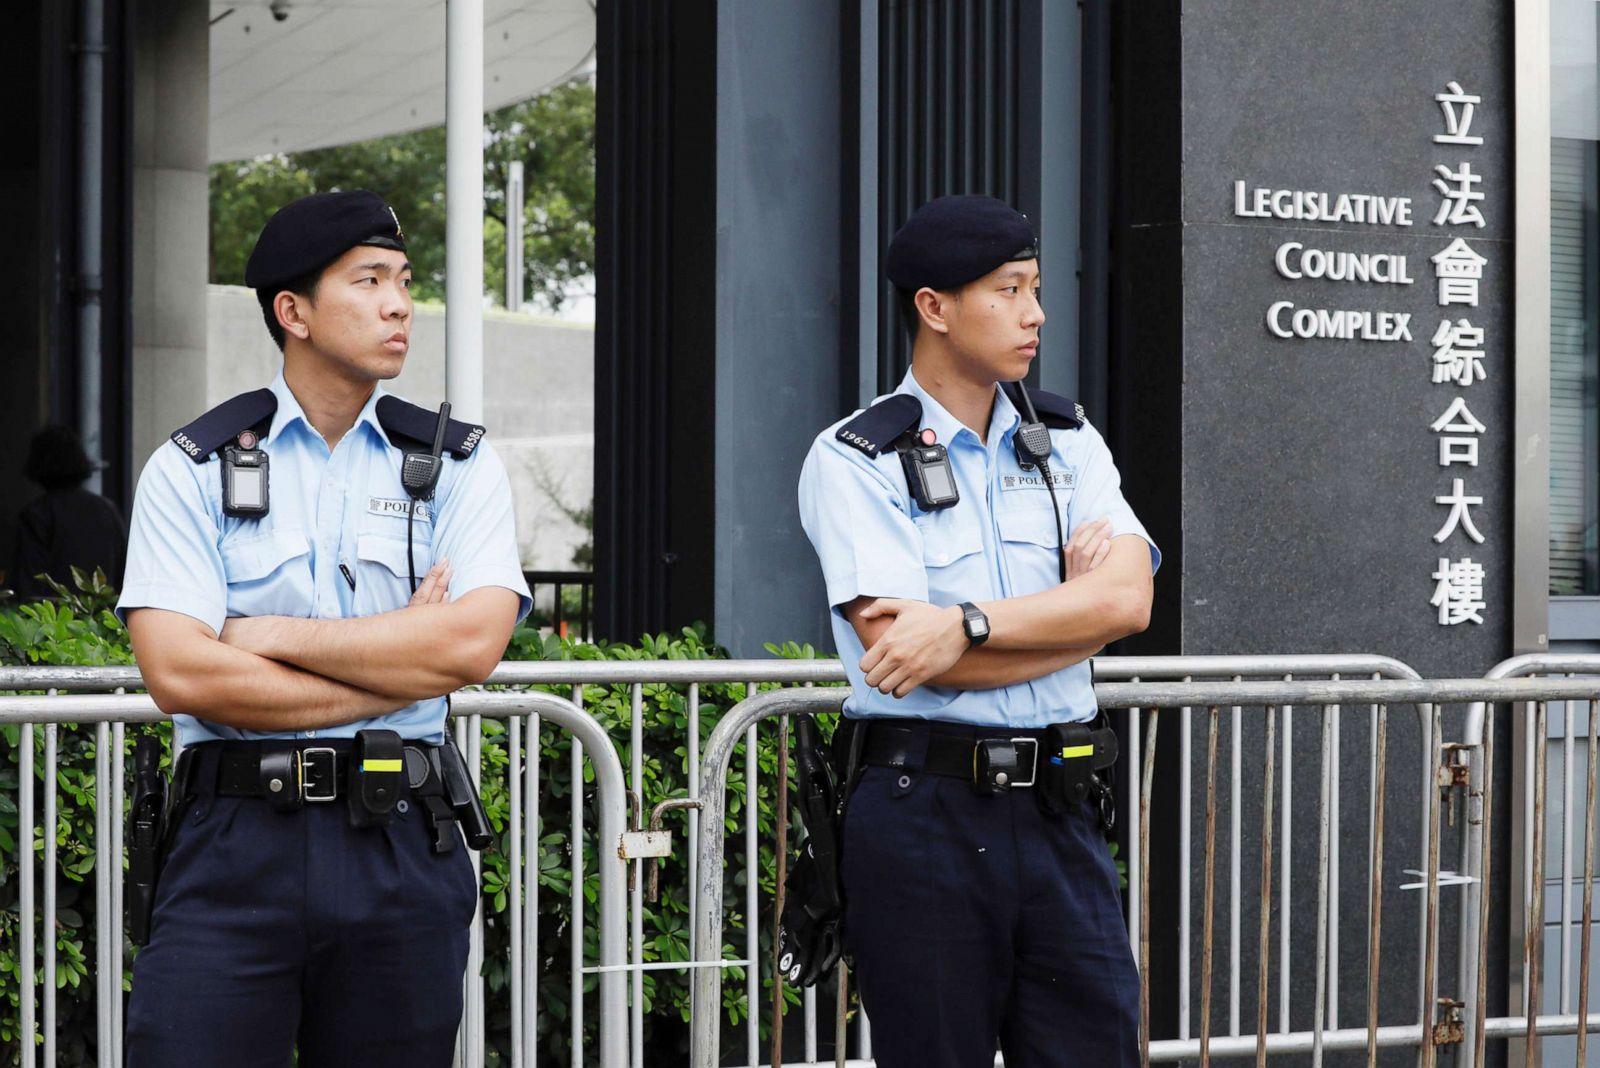 Hong Kong protests: What's at stake? - ABC News